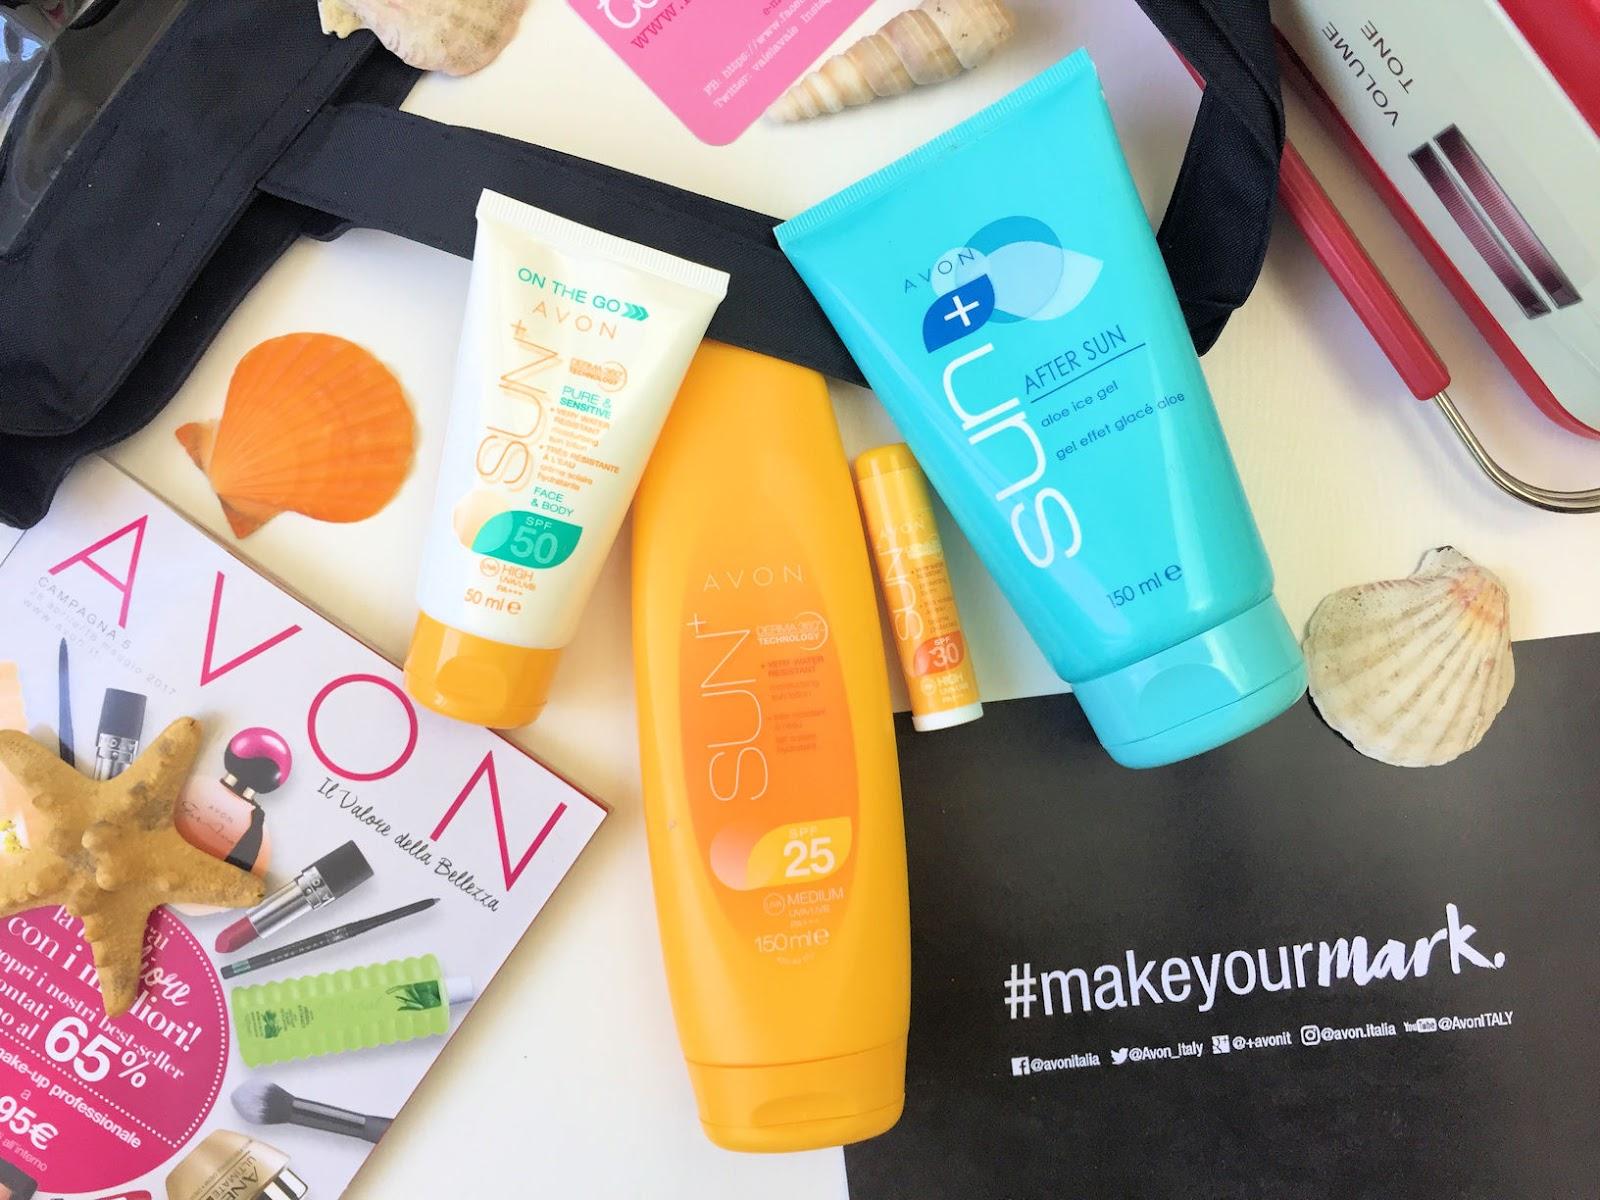 Come proteggere la pelle al mare: solari AVON SUN+ su Fashion and Cookies beauty blog, beauty blogger